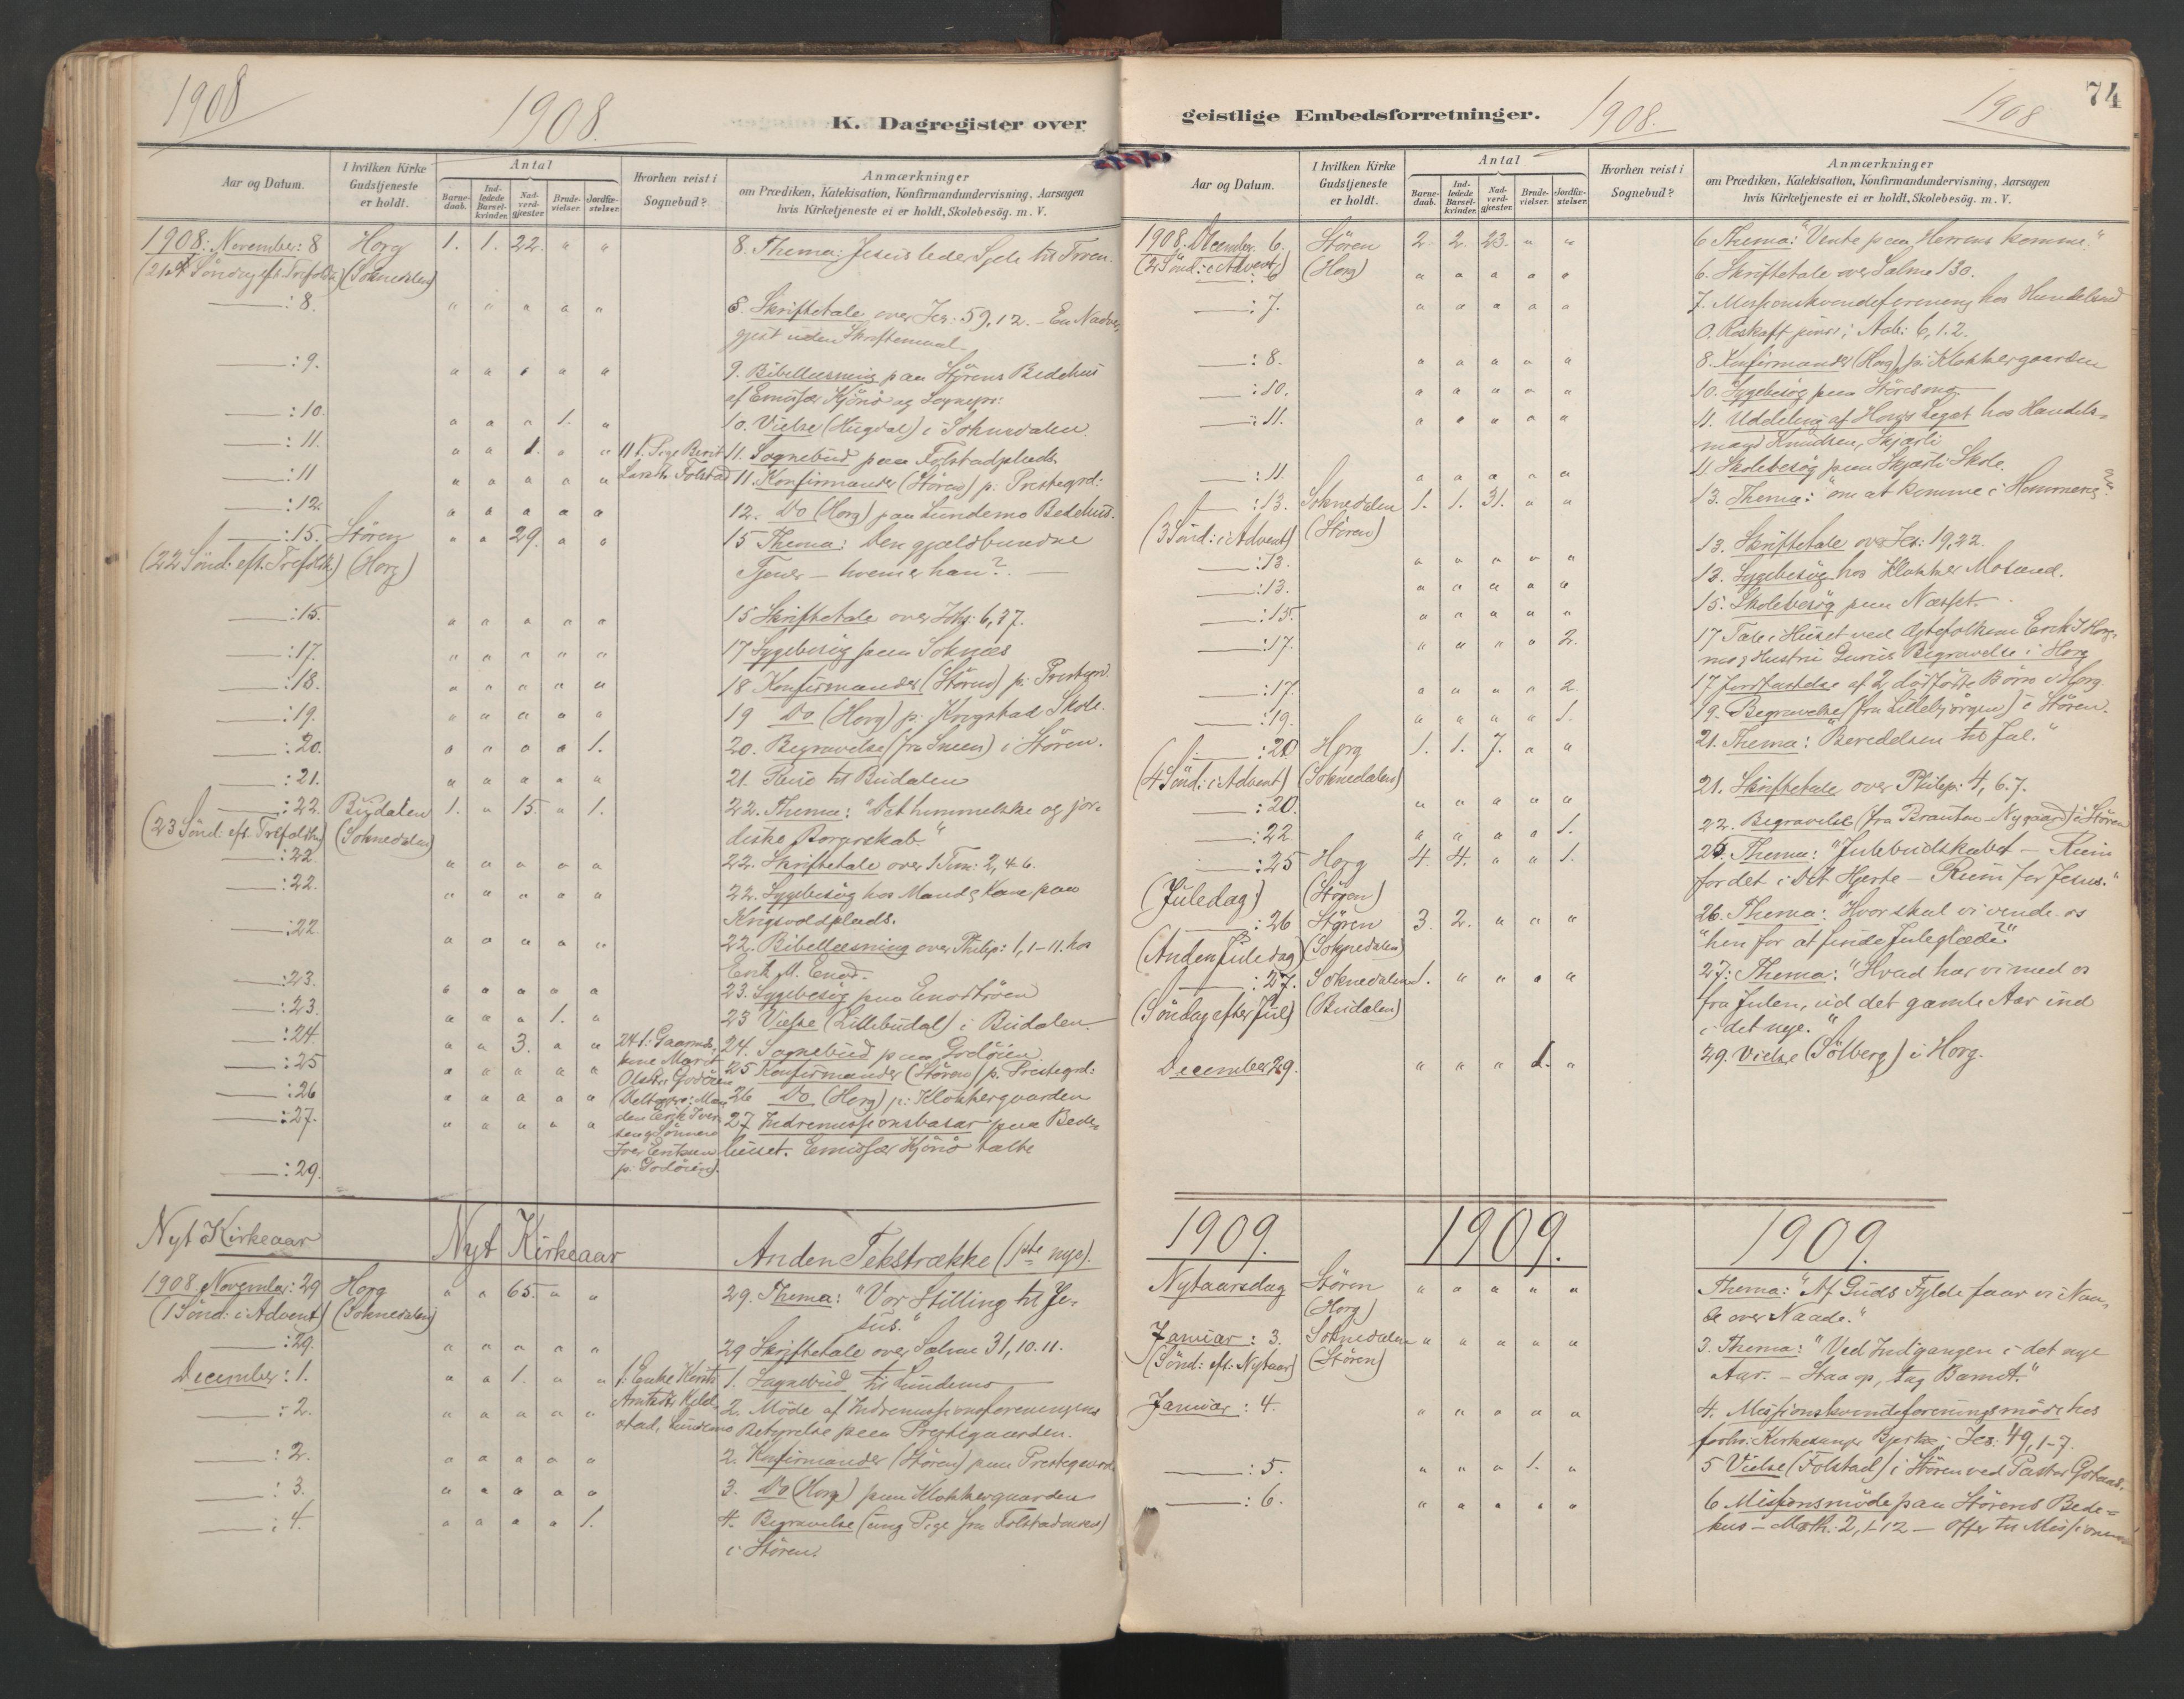 SAT, Ministerialprotokoller, klokkerbøker og fødselsregistre - Sør-Trøndelag, 687/L1005: Diary records no. 687A11, 1891-1912, p. 74